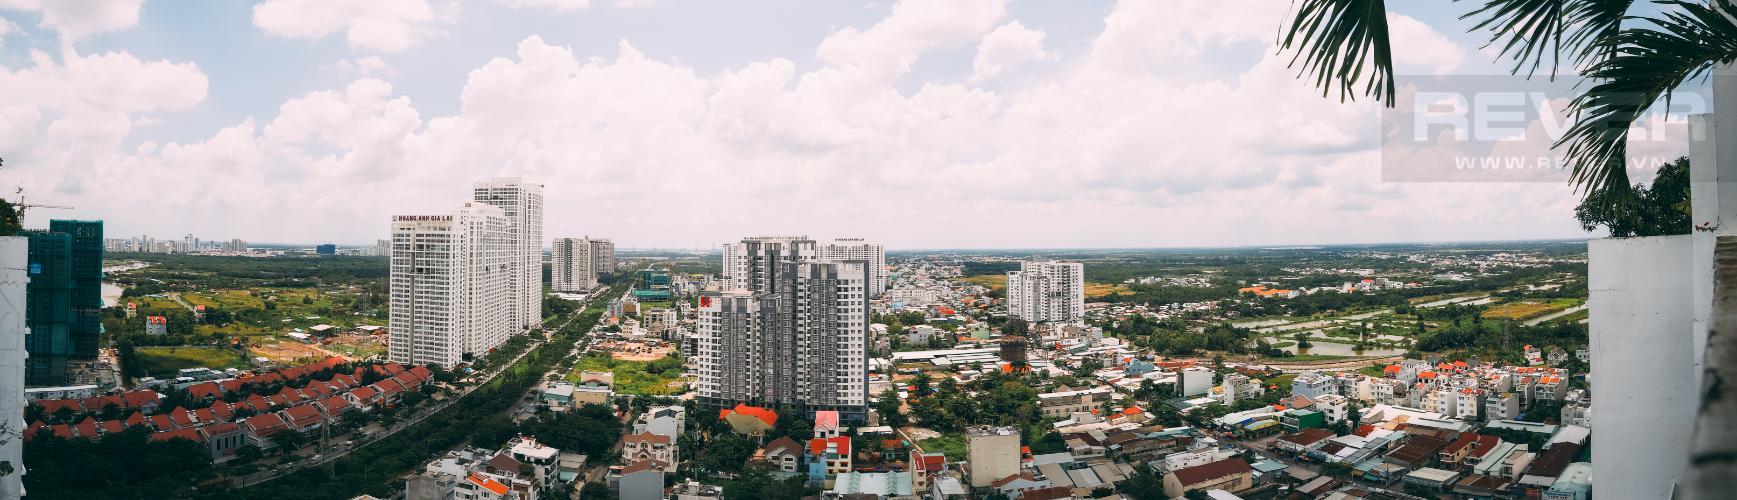 View Bán penthouse New Sài Gòn 4PN, đầy đủ nội thất, view đẹp